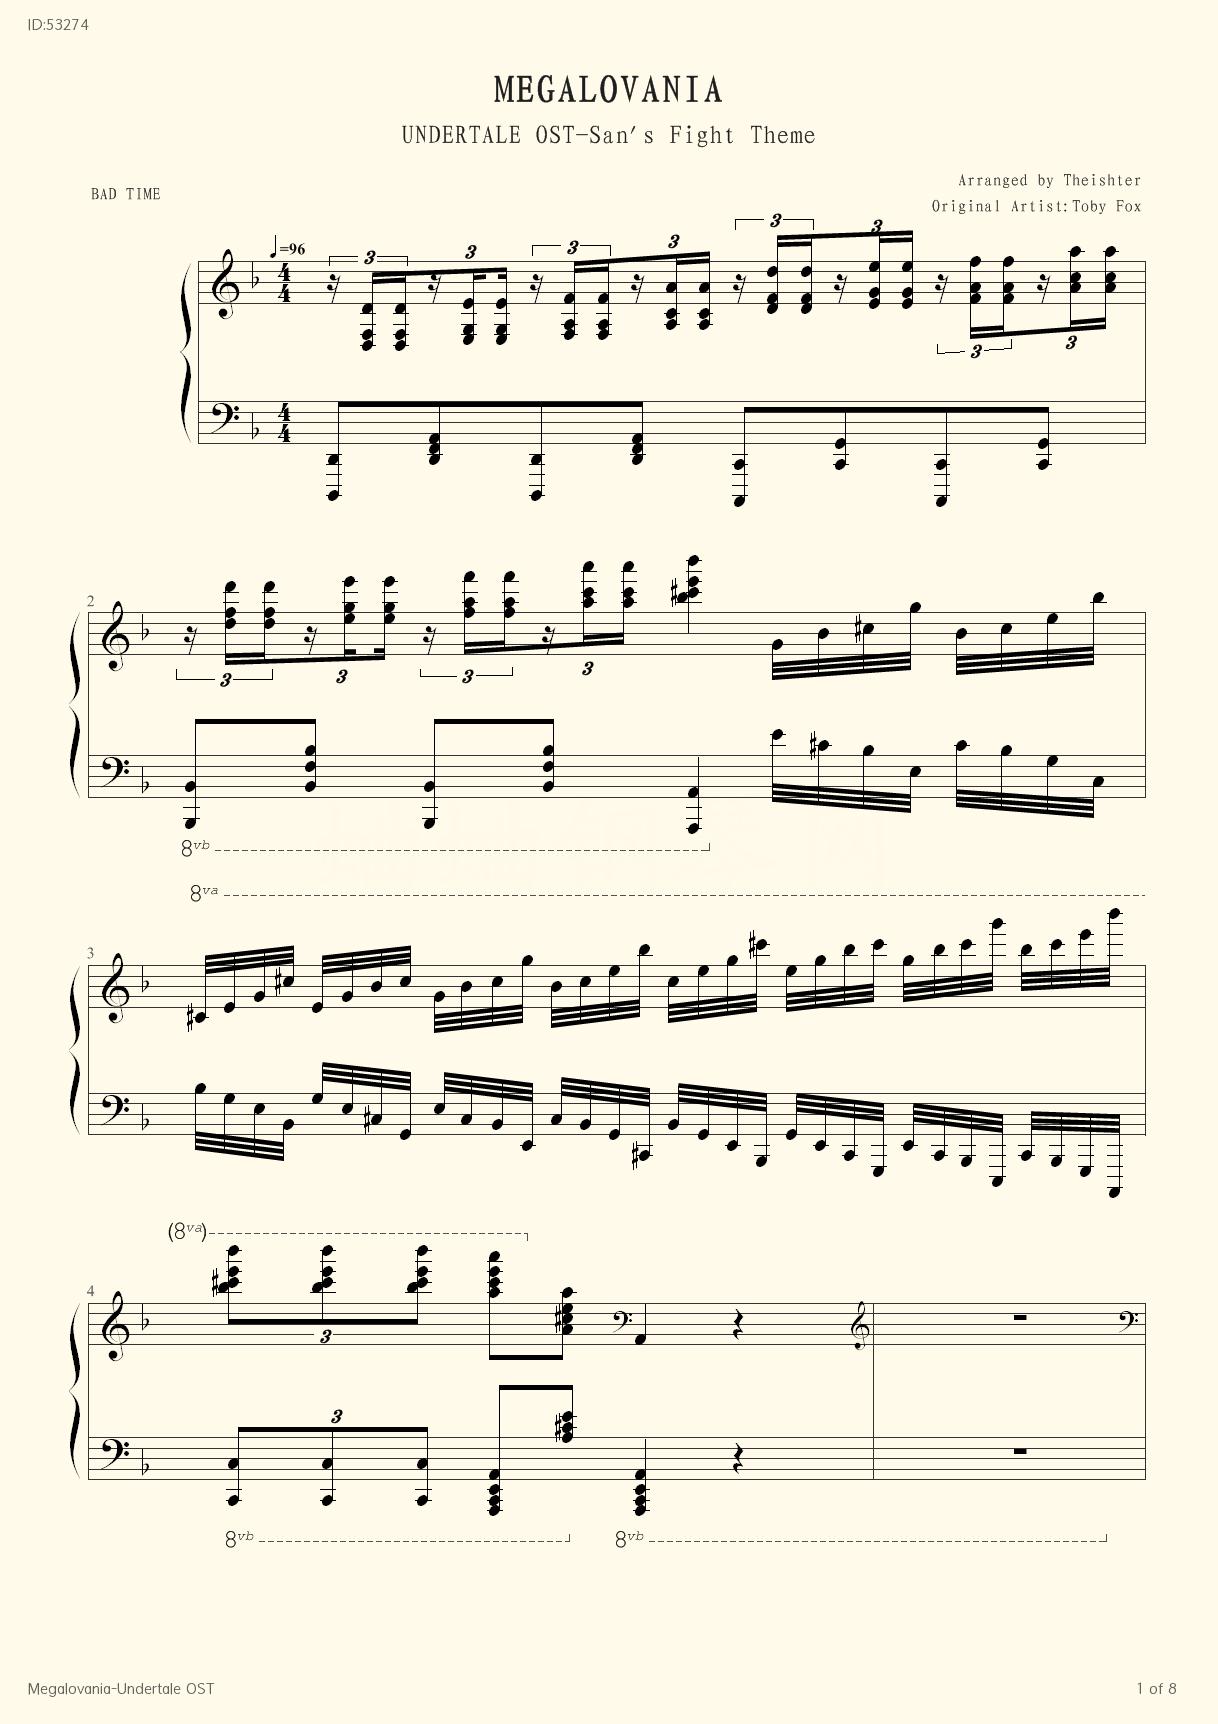 Megalovania Undertale OST, Piano score》Toby Fox (Piano